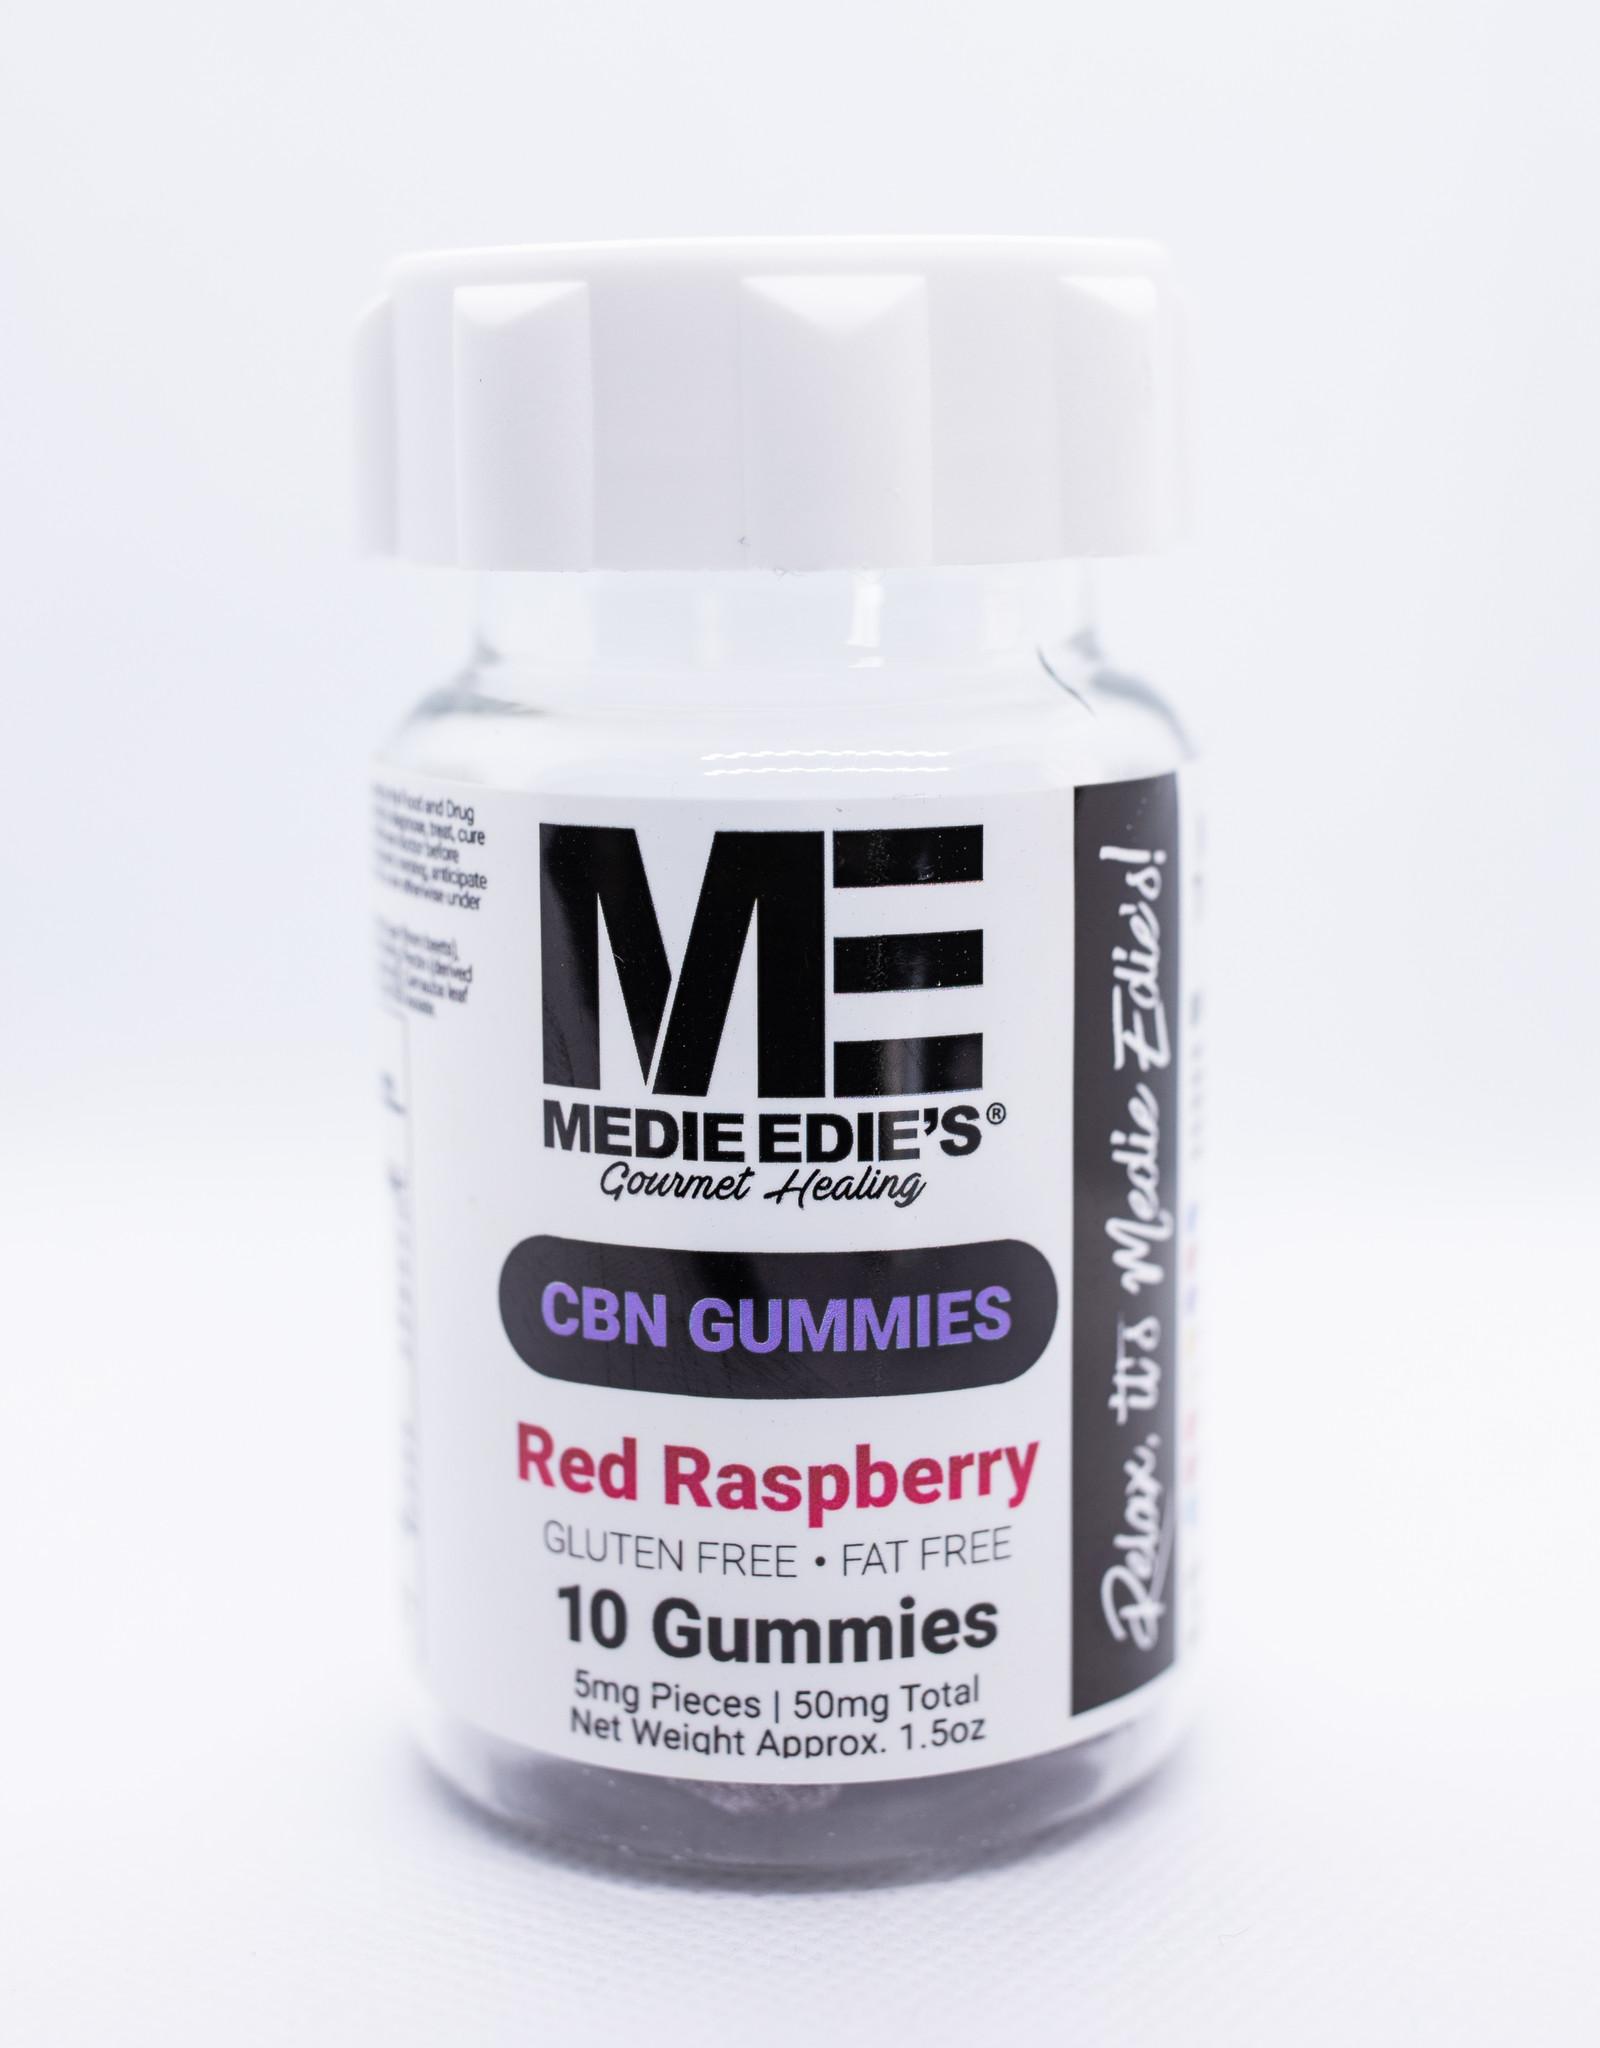 Medie Edie's Red Raspberry CBN Gummies - 10ct/5mg/50mg